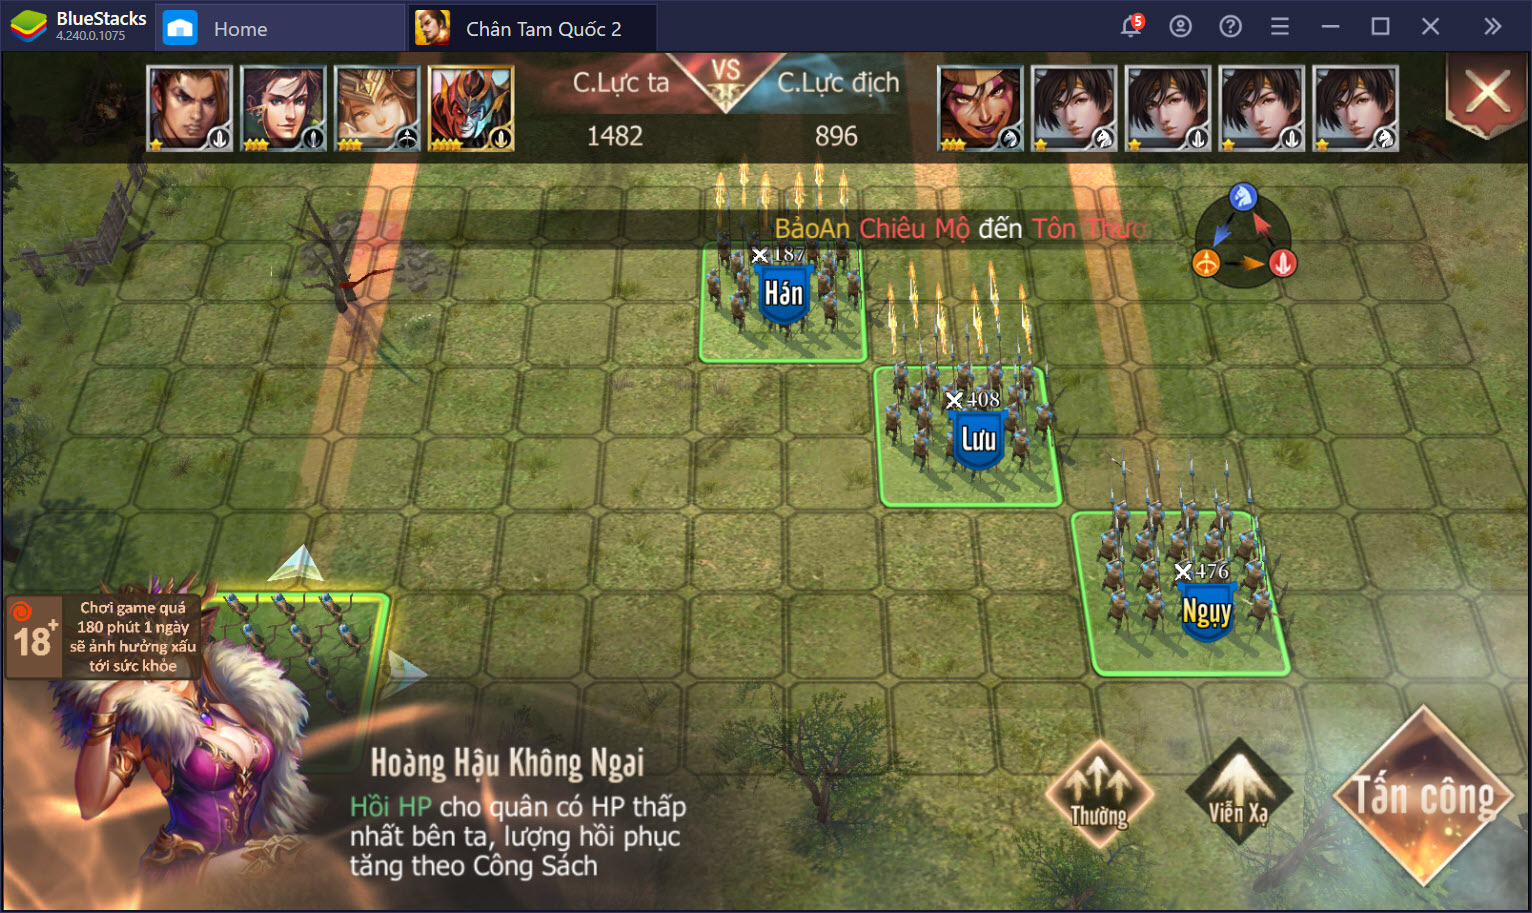 Những tính năng người chơi rất dễ bỏ qua trong Chân Tam Quốc 2